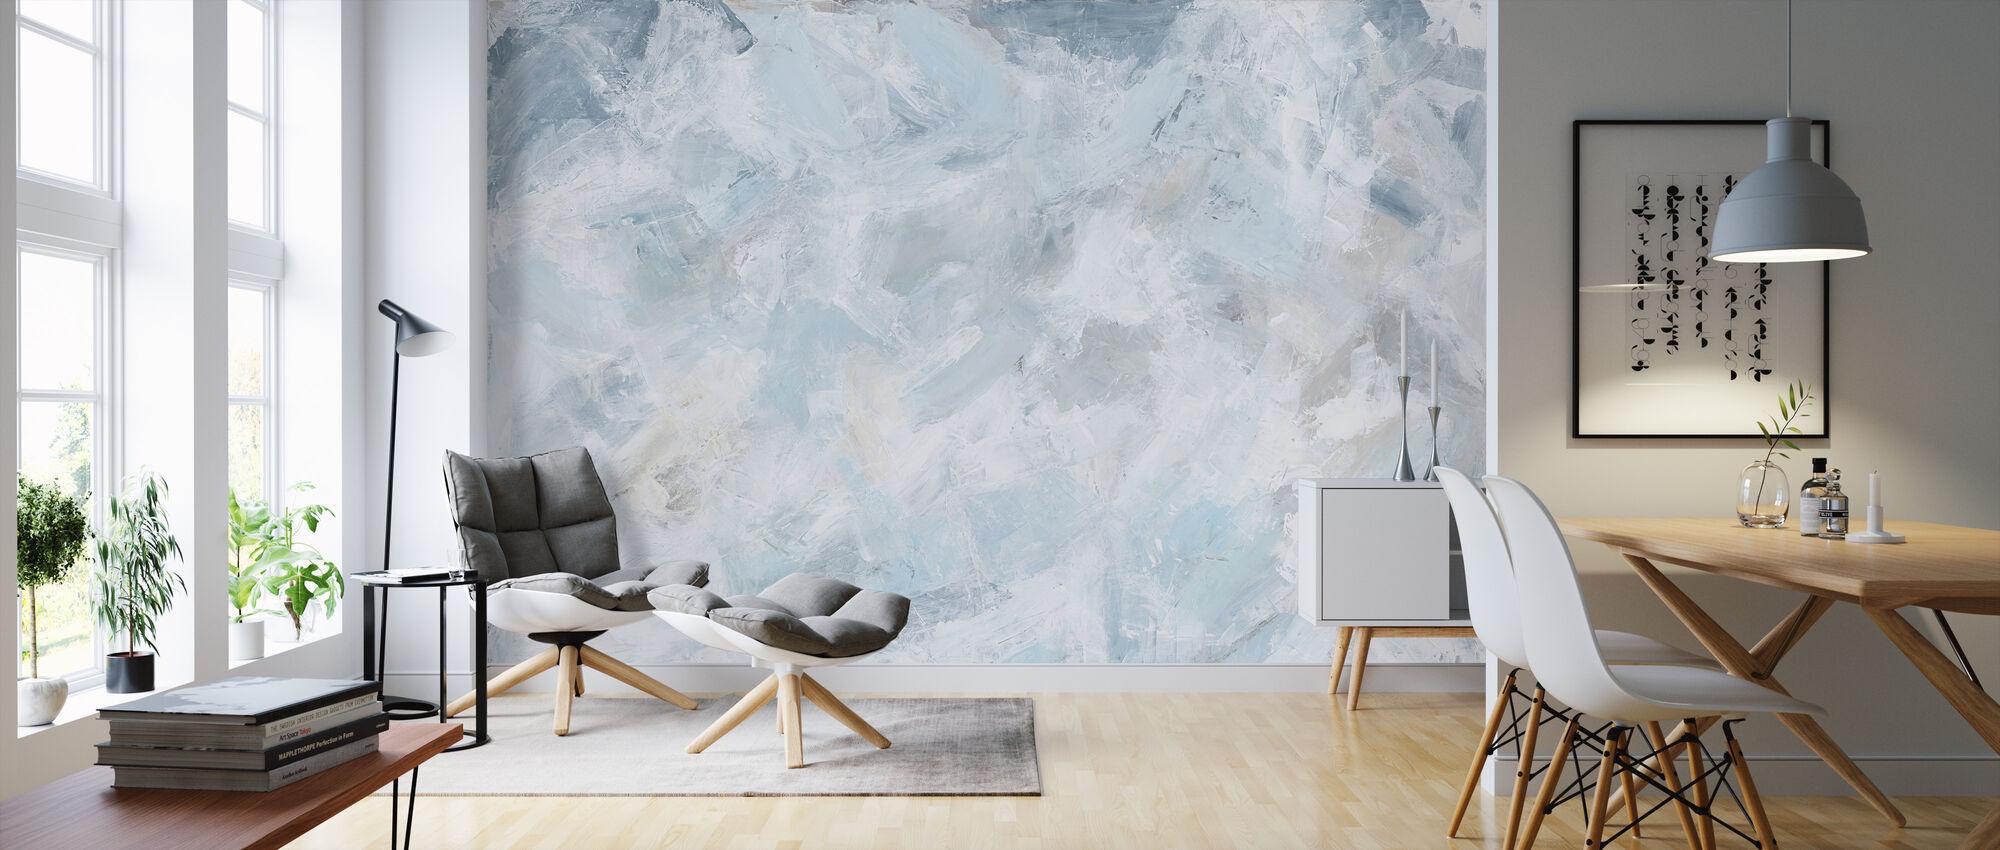 Serenity - Wallpaper - Living Room